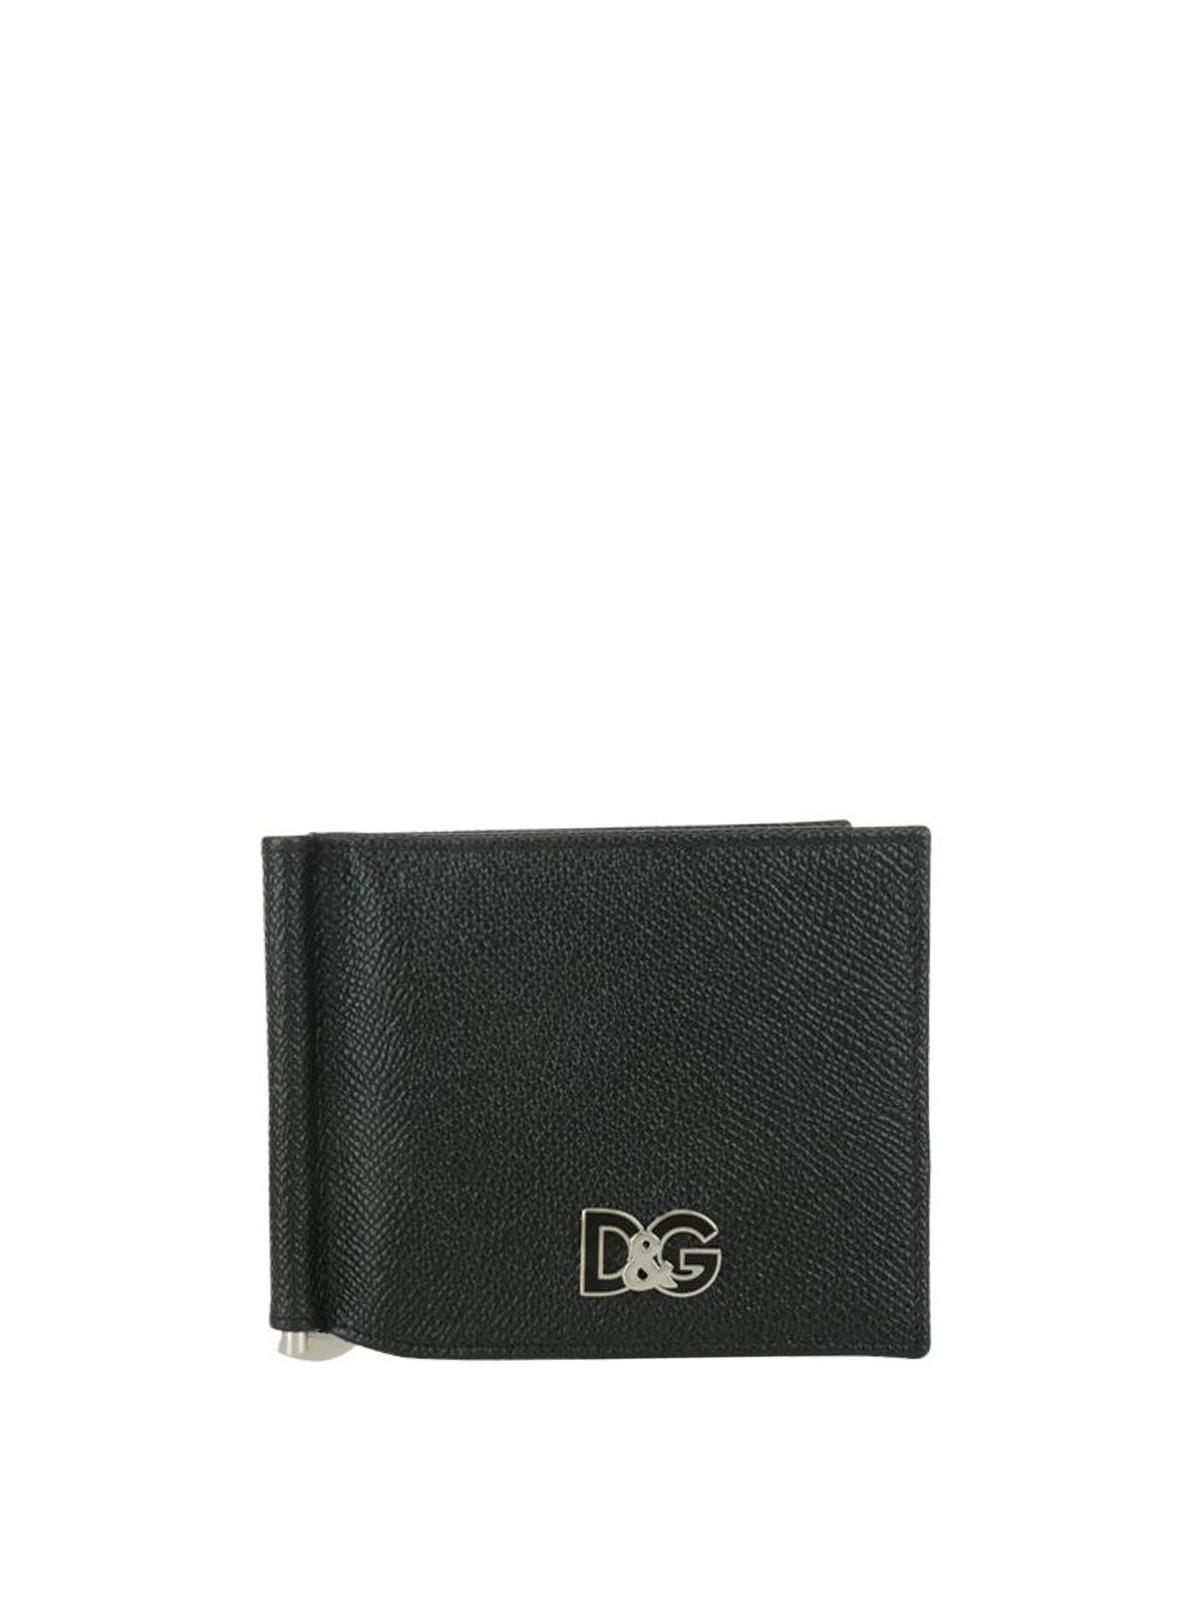 pretty nice 655e7 56fcd Dolce & Gabbana - Portafoglio D&G con fermasoldi ...